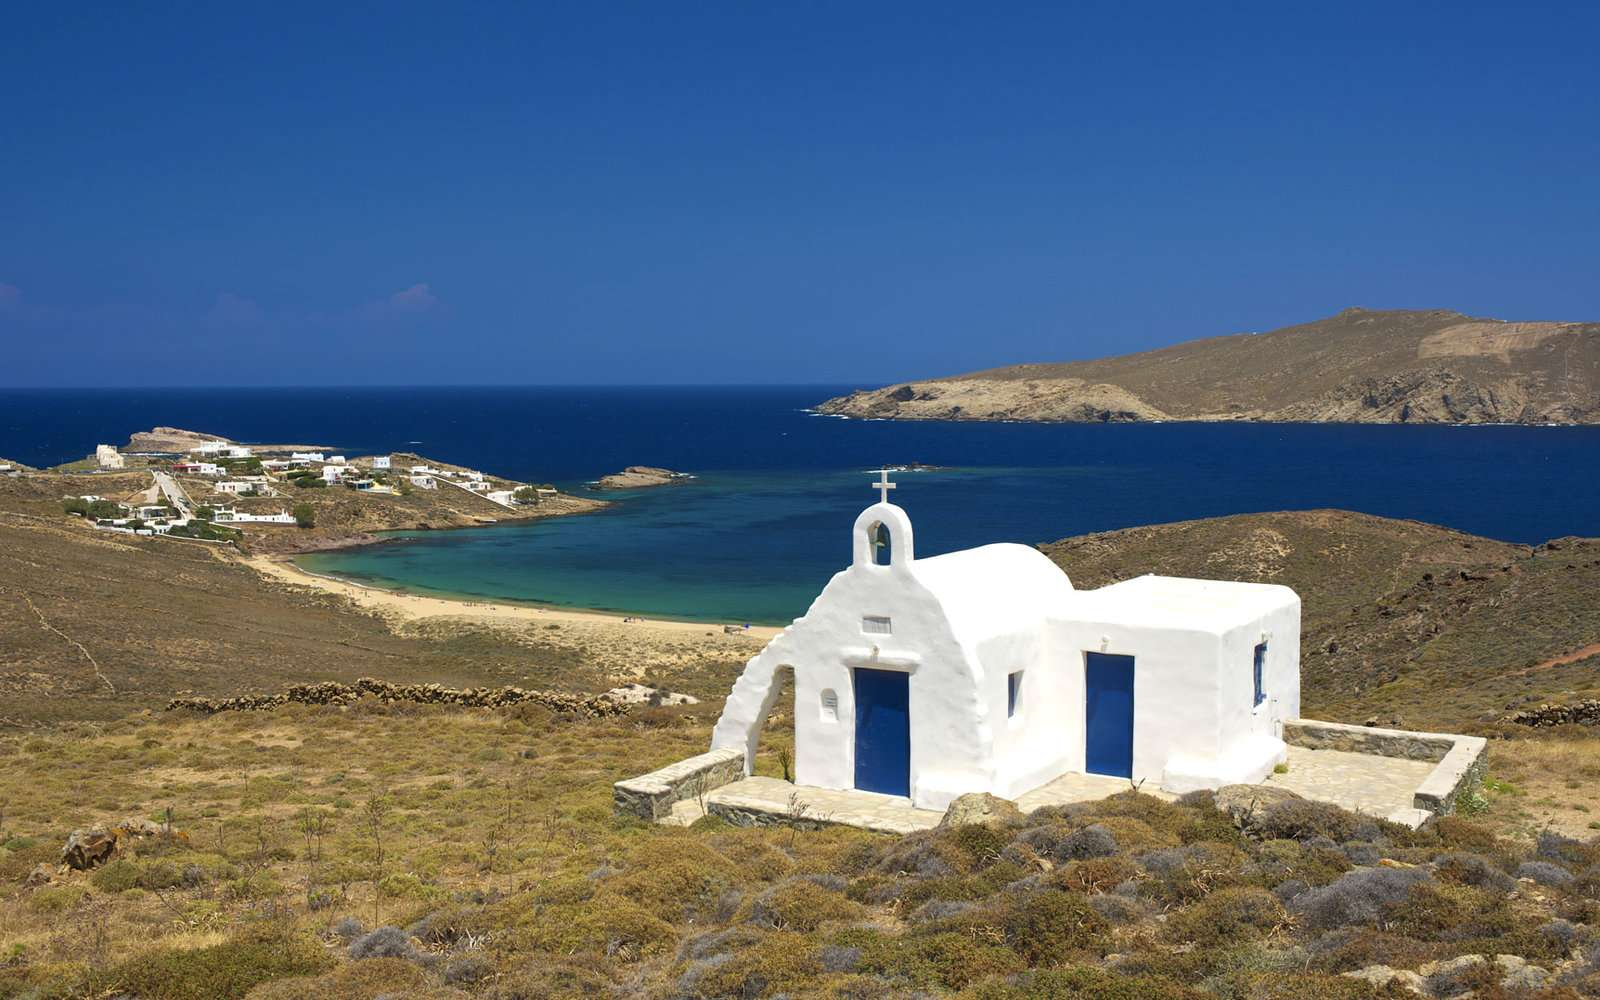 Tέρμα οι παραλίες για τους- μη έχοντες- πολίτες